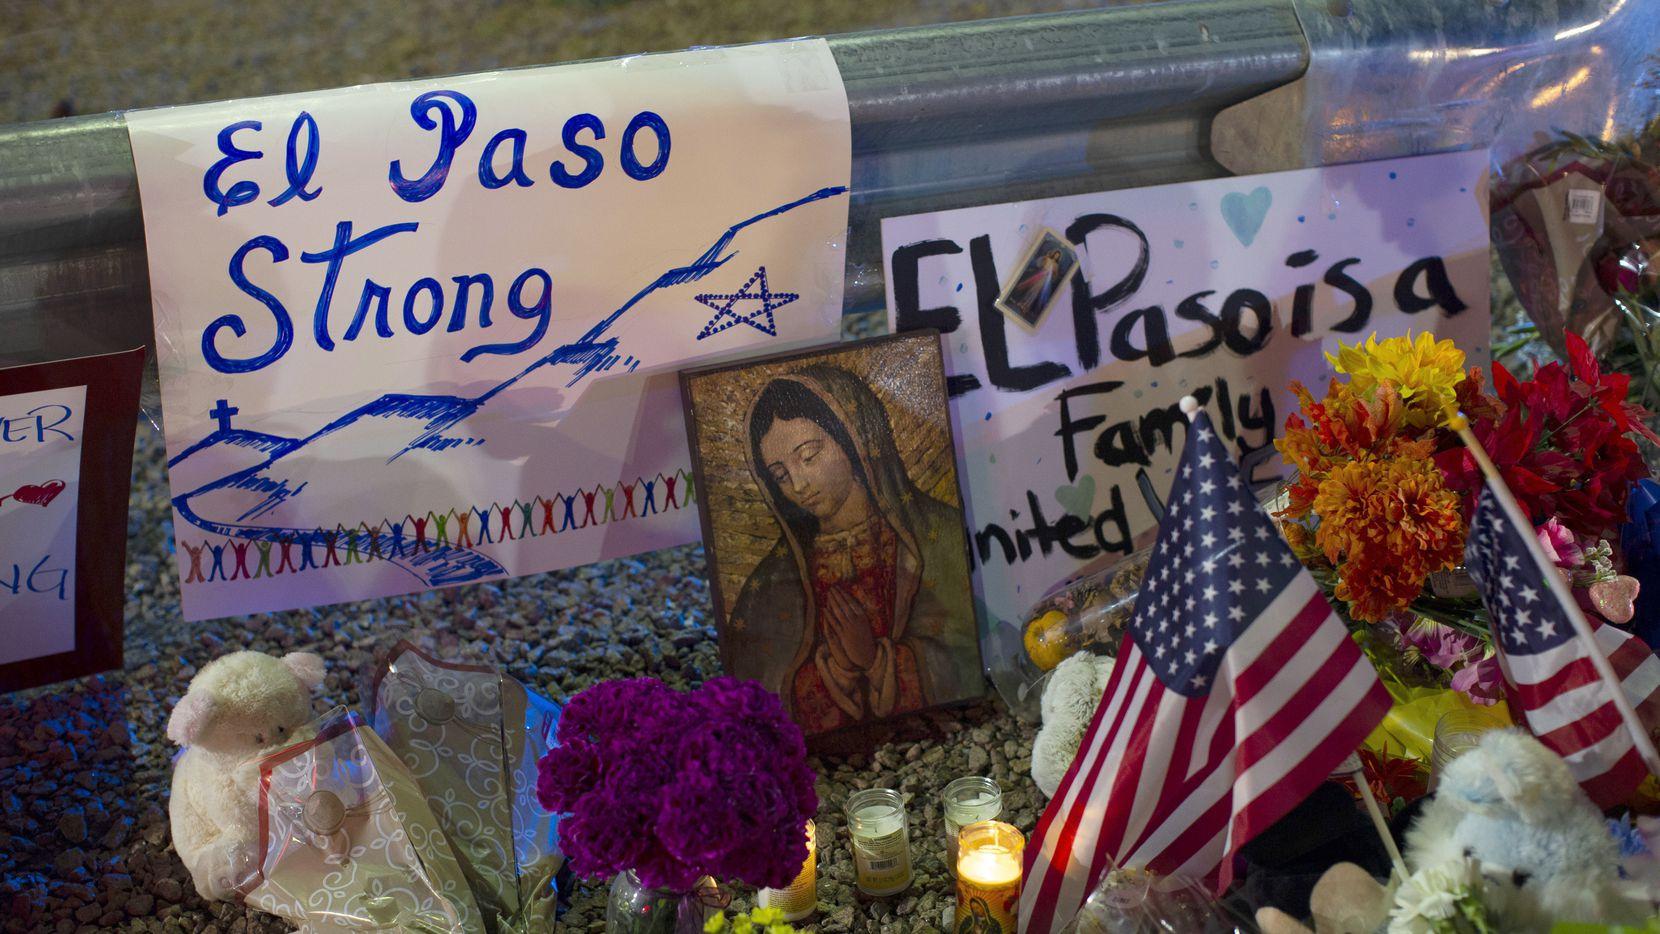 Mensajes y veladoras en el sitio conmemorativo donde ocurrió el tiroteo que cobró la vida de 22 personas en El Paso, el 3 de agosto.